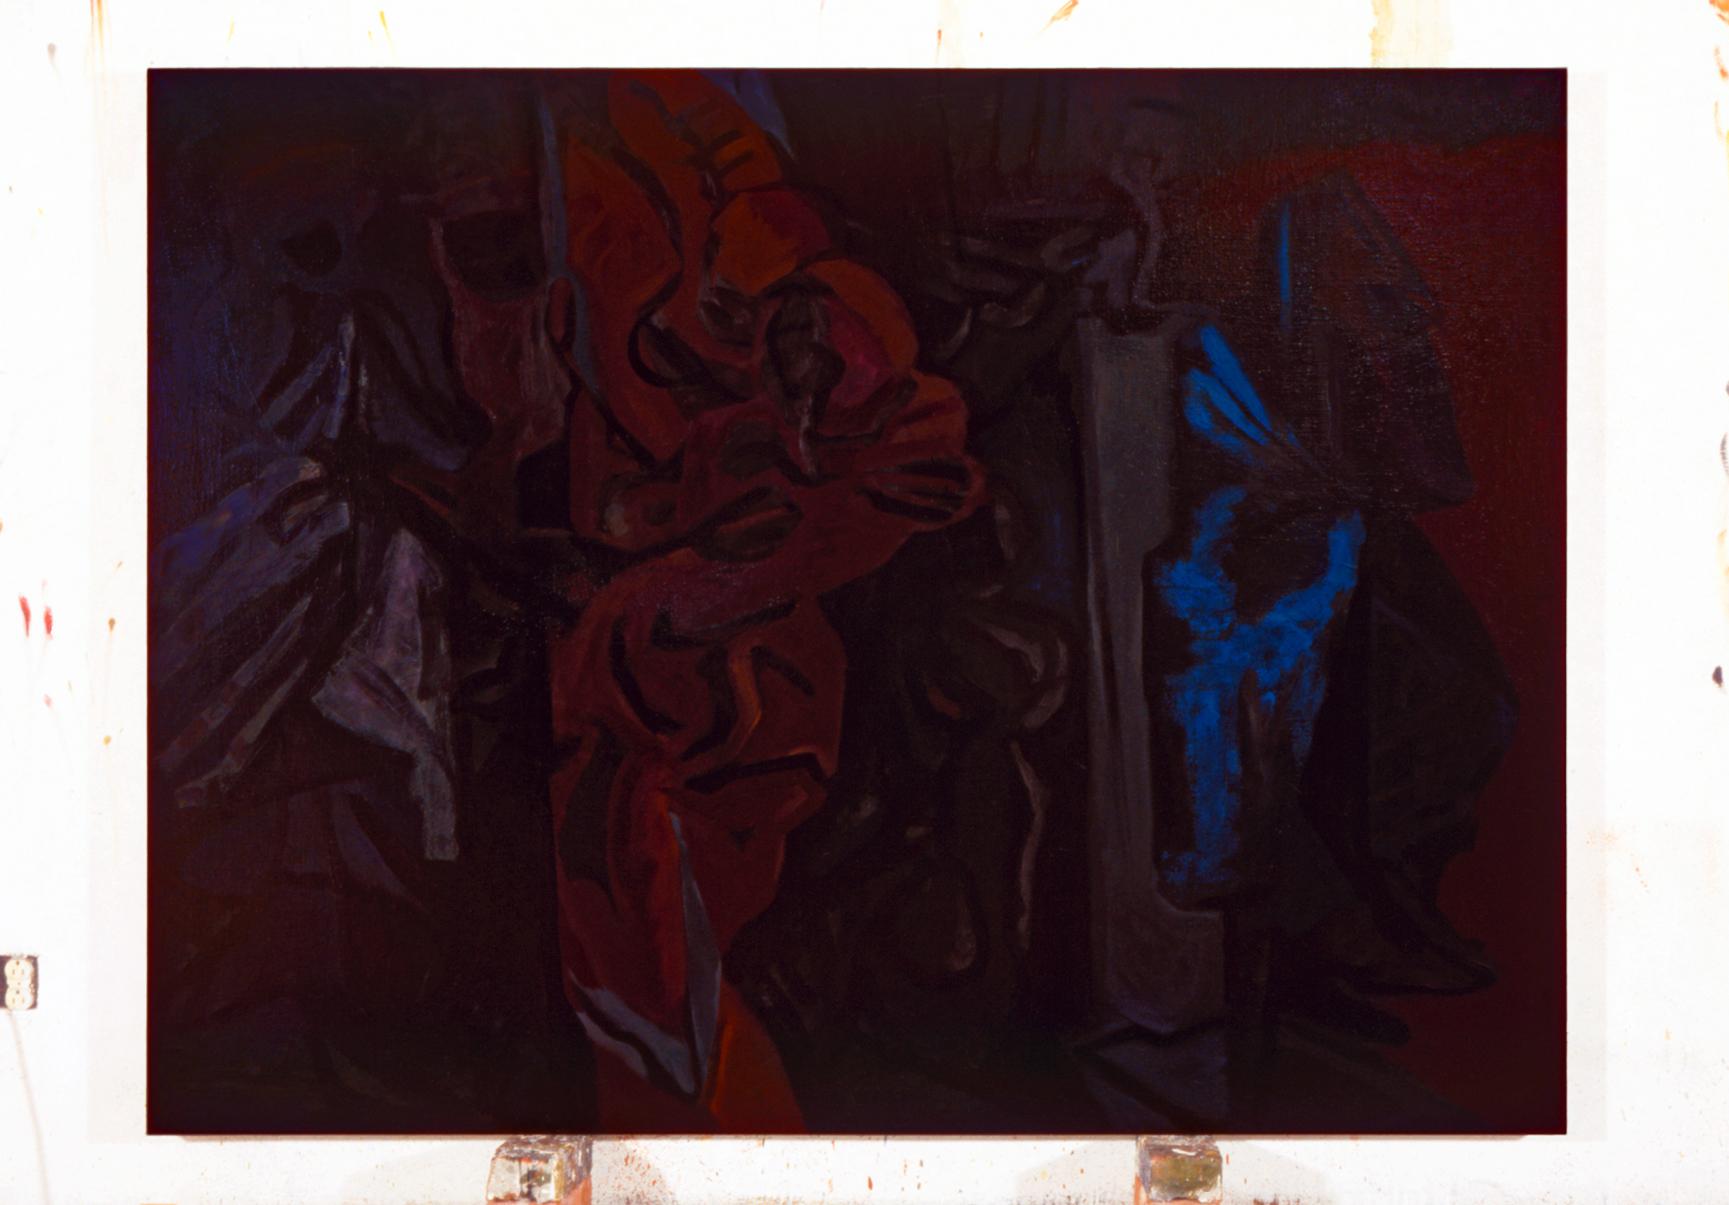 132 Plotek Leopold Four figures from samuel 1995 138235.jpg